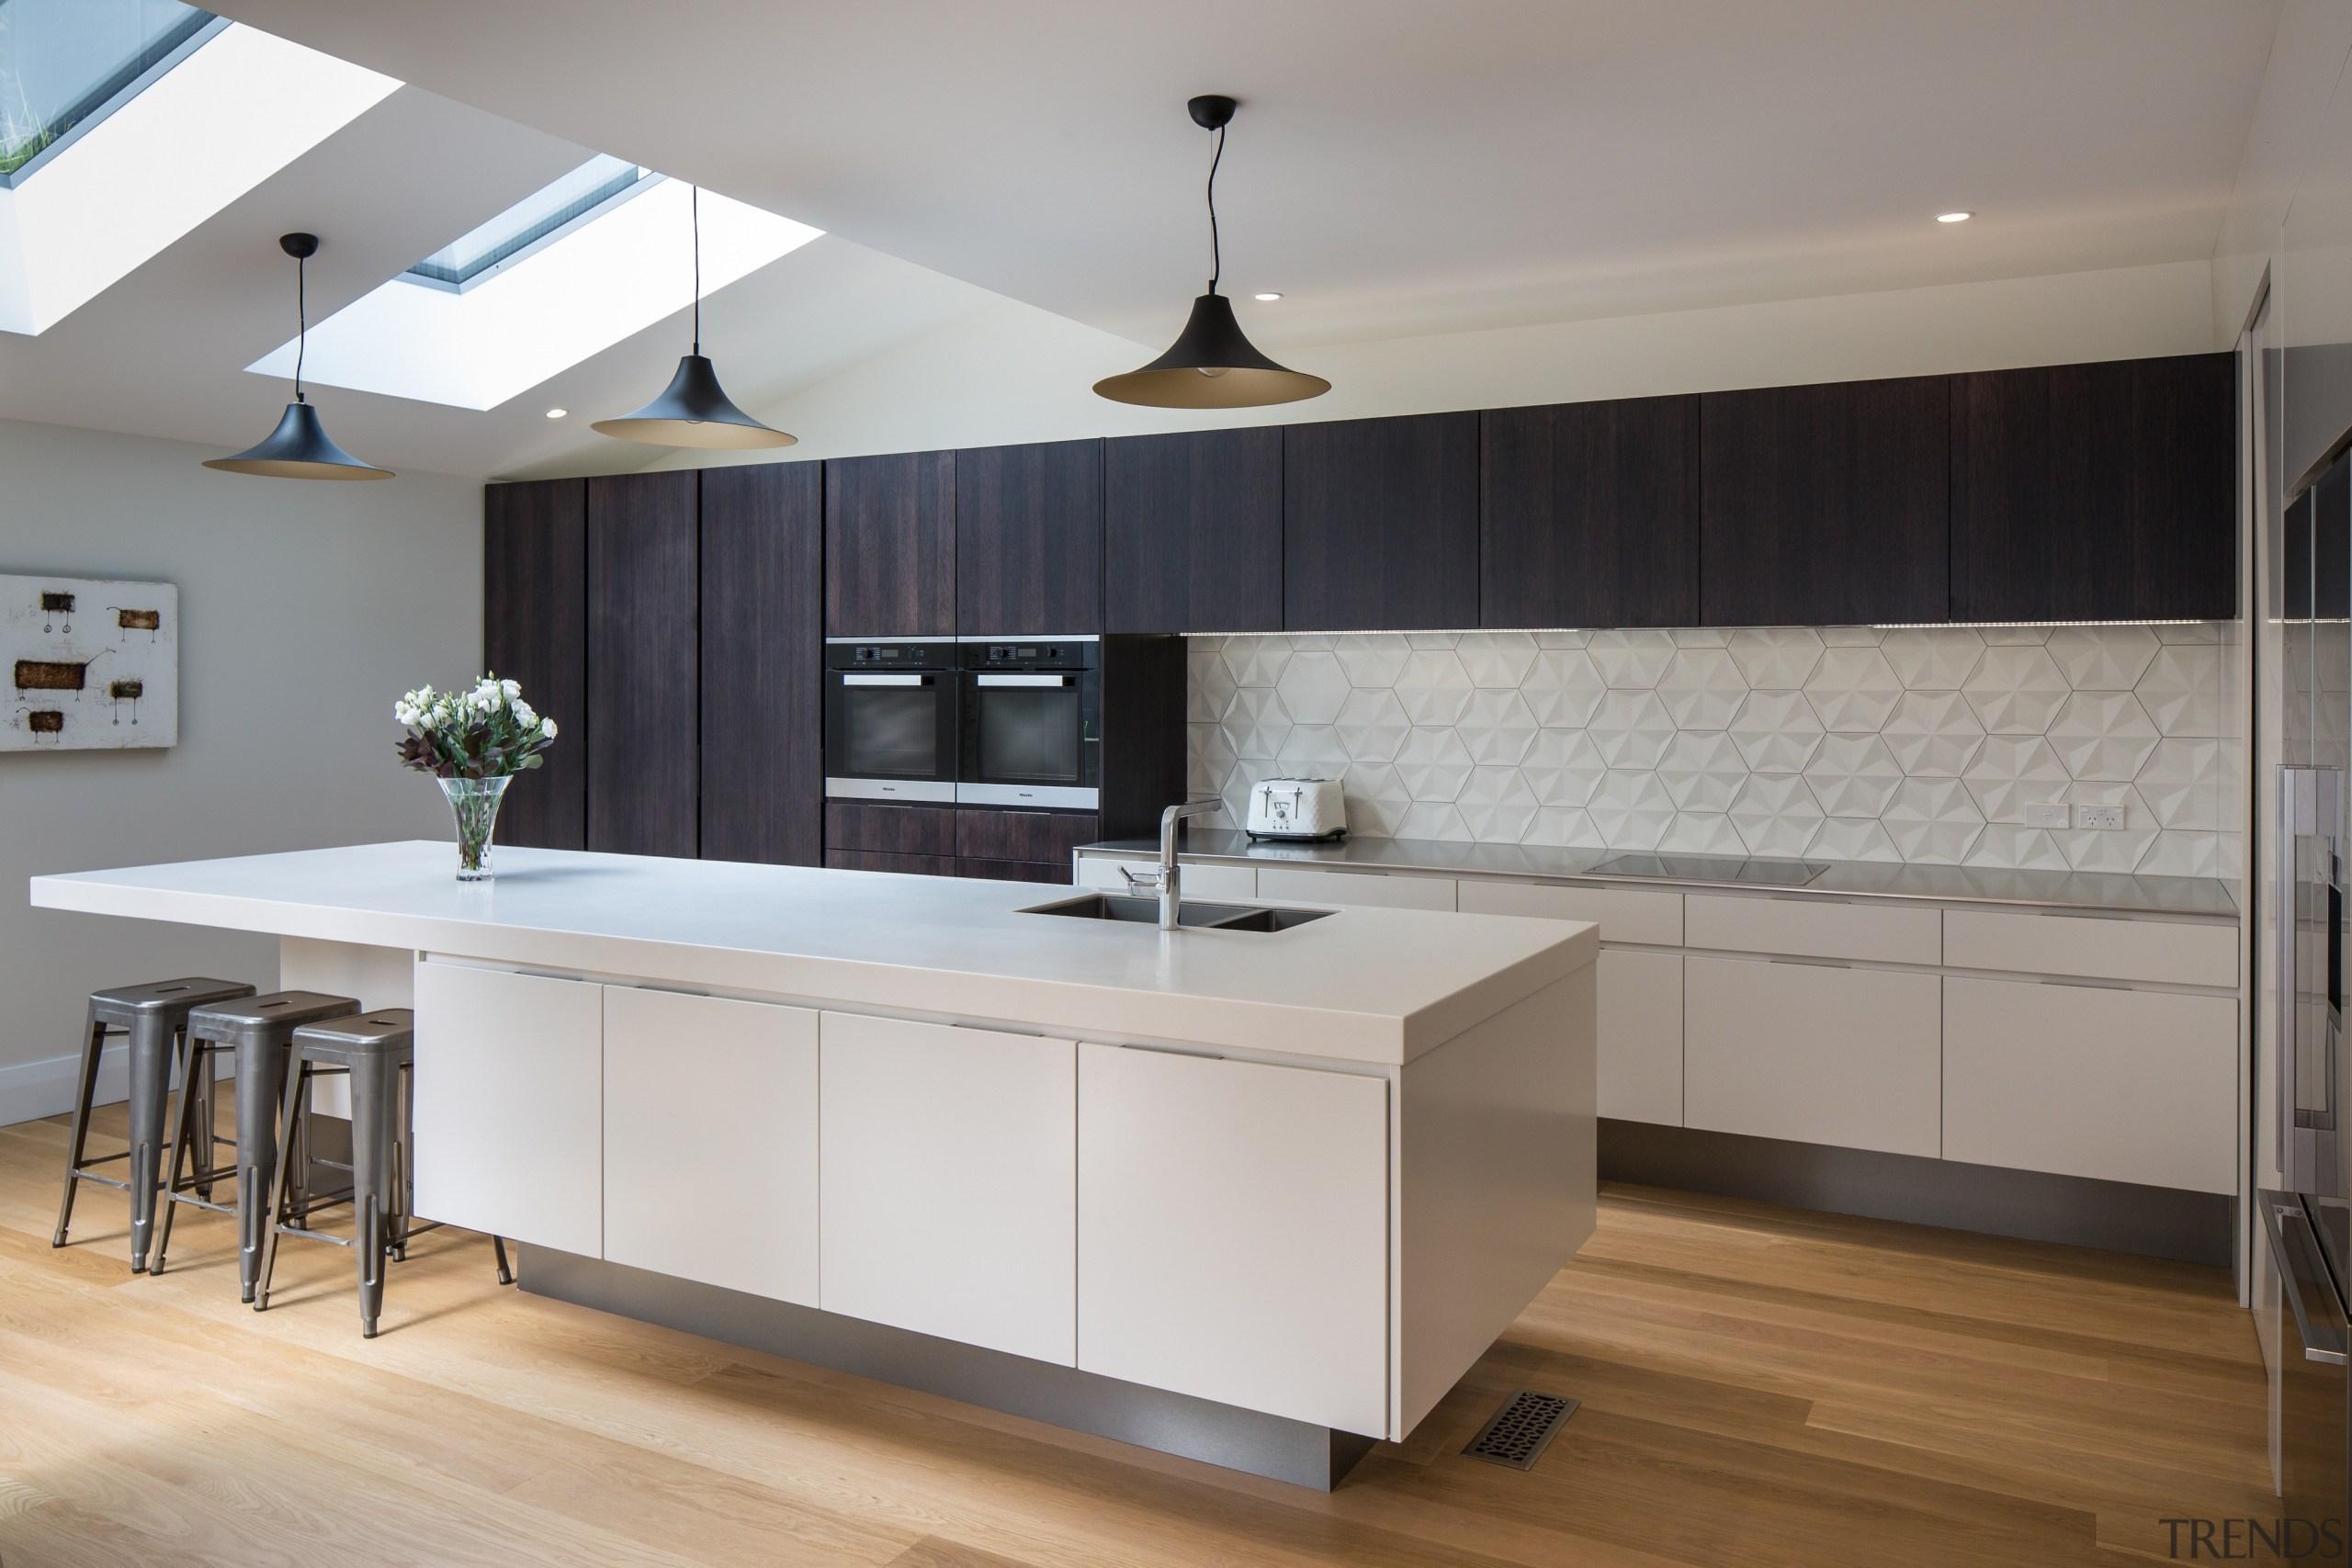 TIDA New Zealand Kitchens – proudly brought to cabinetry, countertop, cuisine classique, floor, hardwood, interior design, kitchen, room, wood flooring, gray